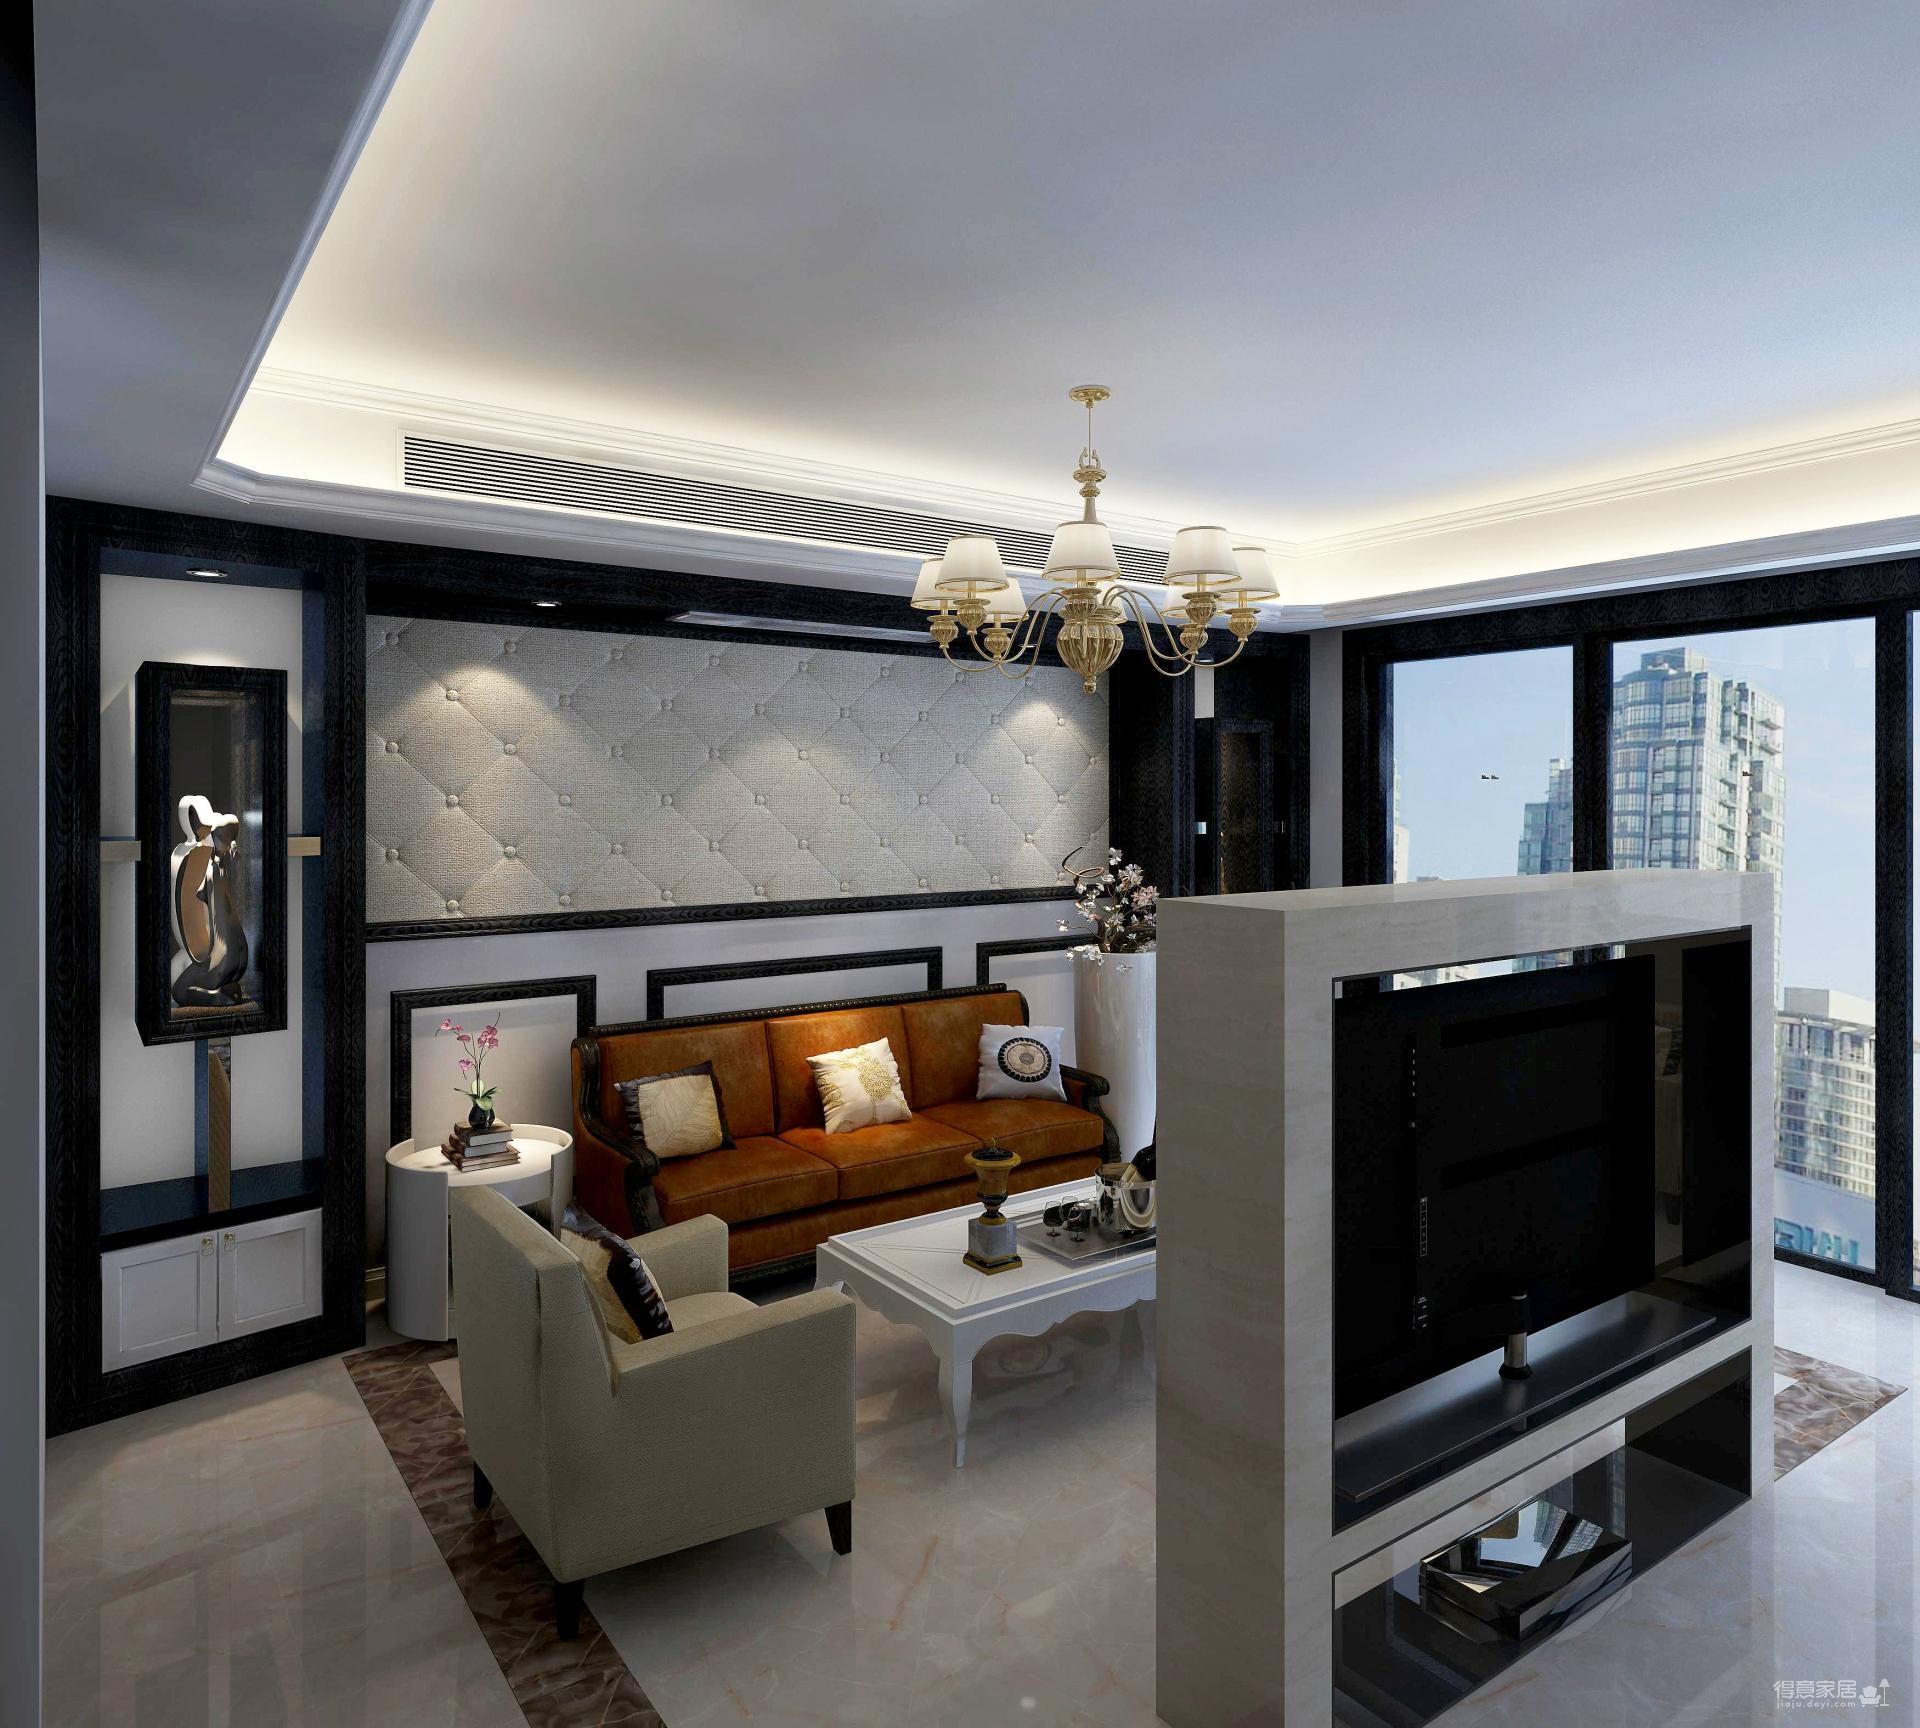 客厅以电视机墙为隔断